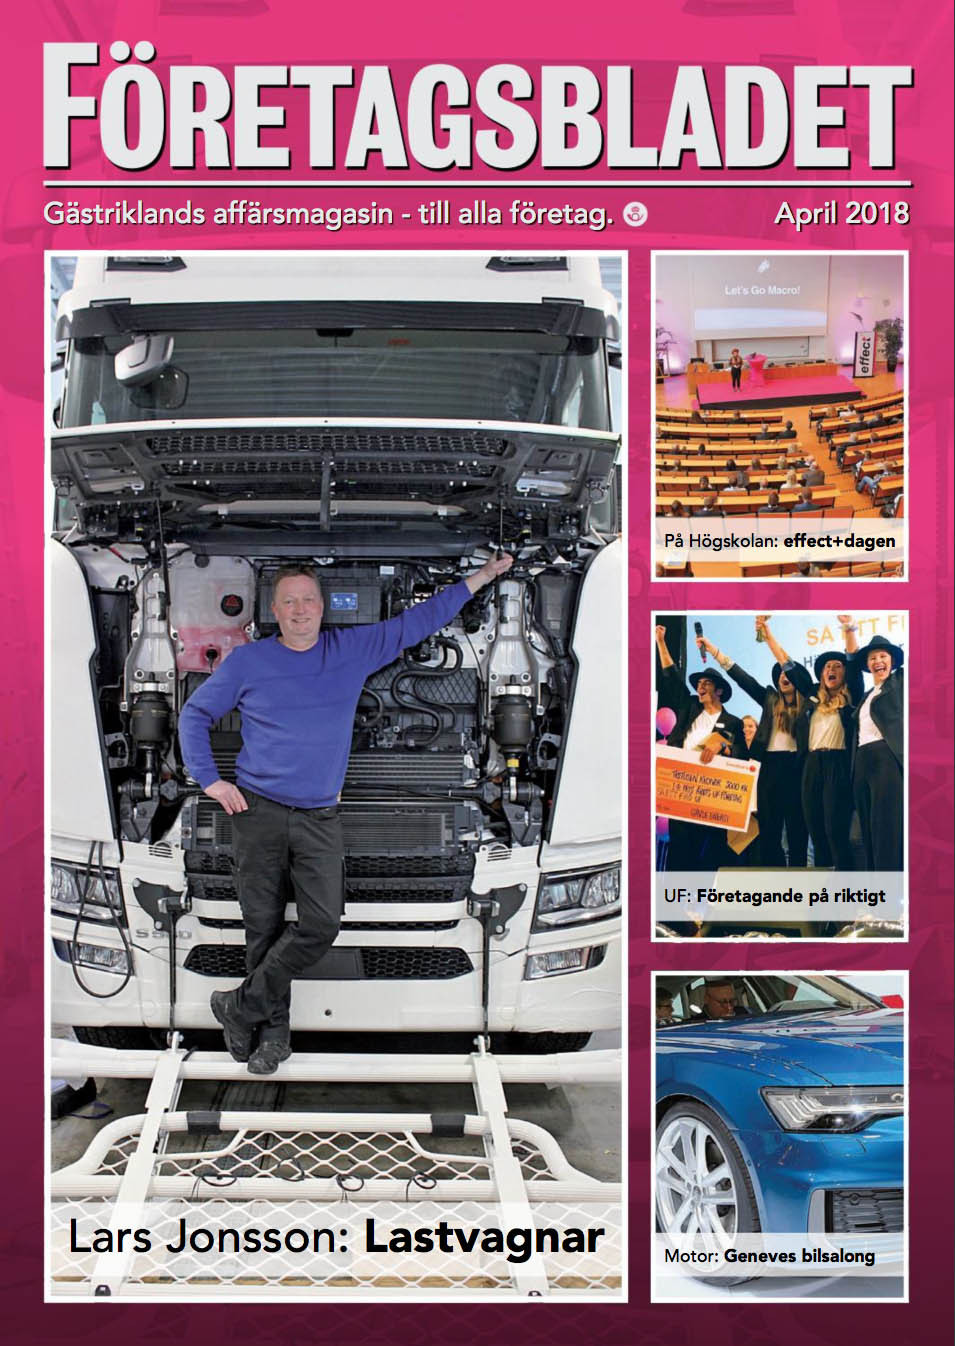 Läs Aprilnumret av Företagsbladet online